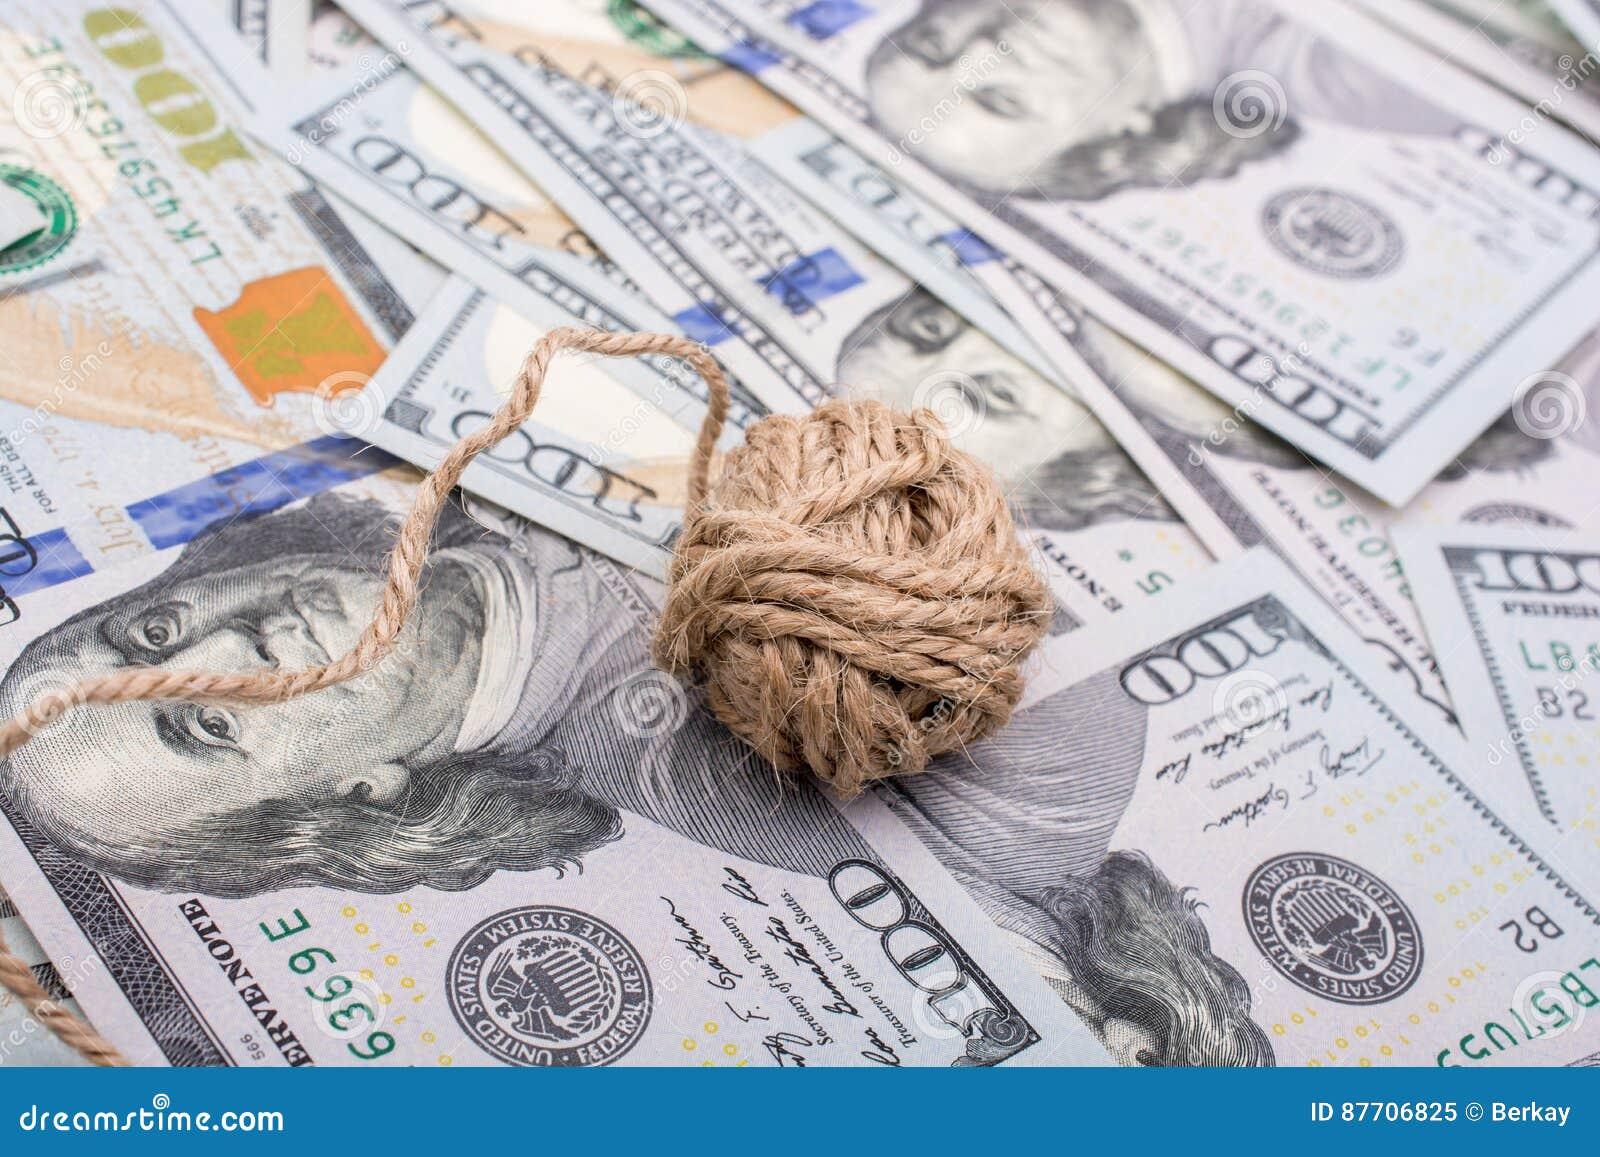 La bobine de la bobine de toile est placée sur des billets de banque de dollar US